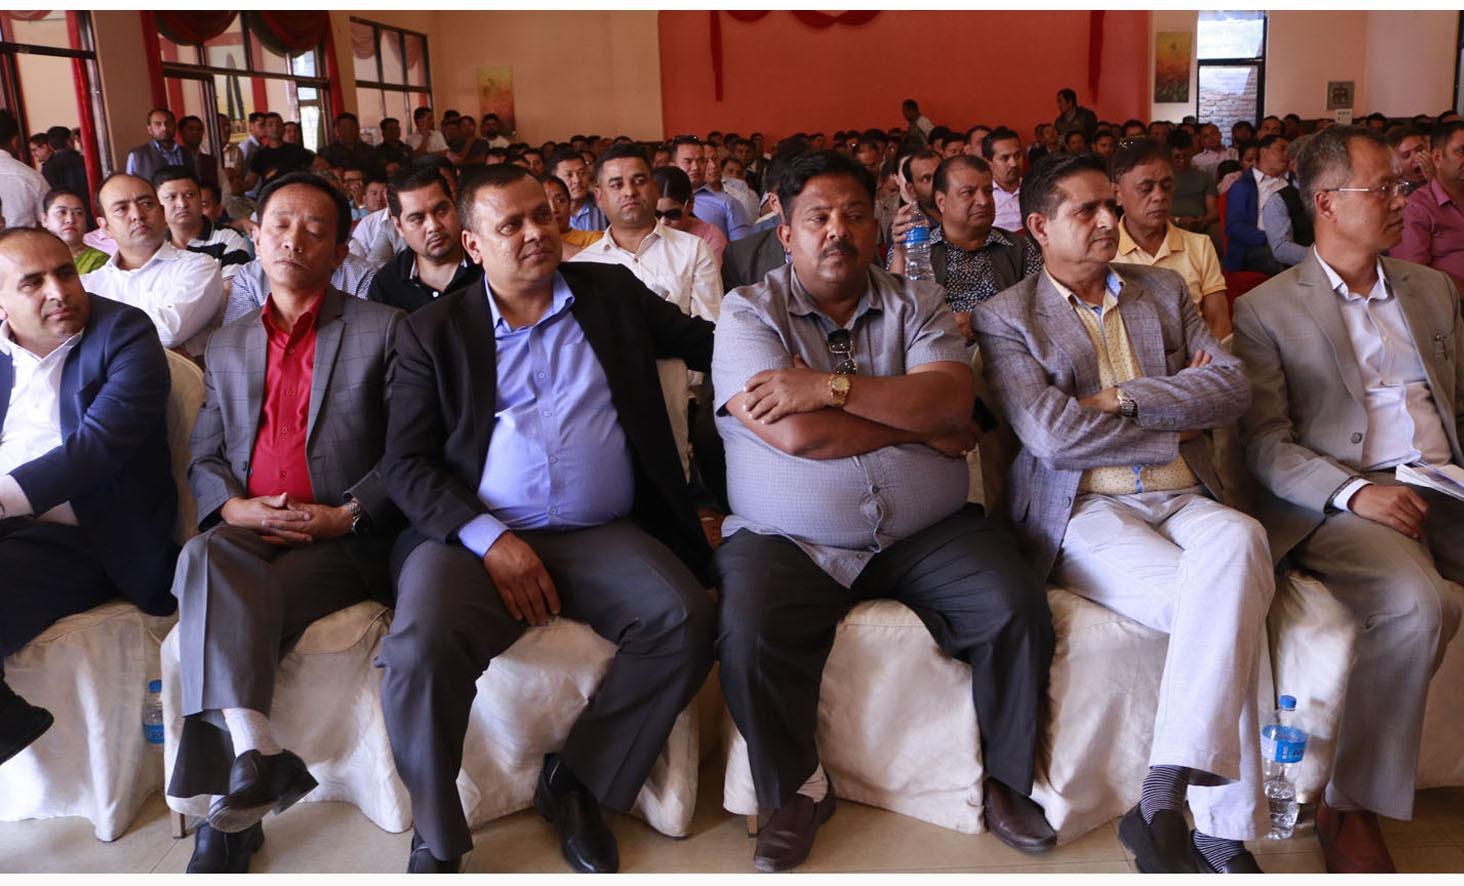 सरकारले माग सम्वोधन नगरे जेठ १७ बाट विदेश कामदार नपठाउने व्यवसायीहरुको चेतावनी